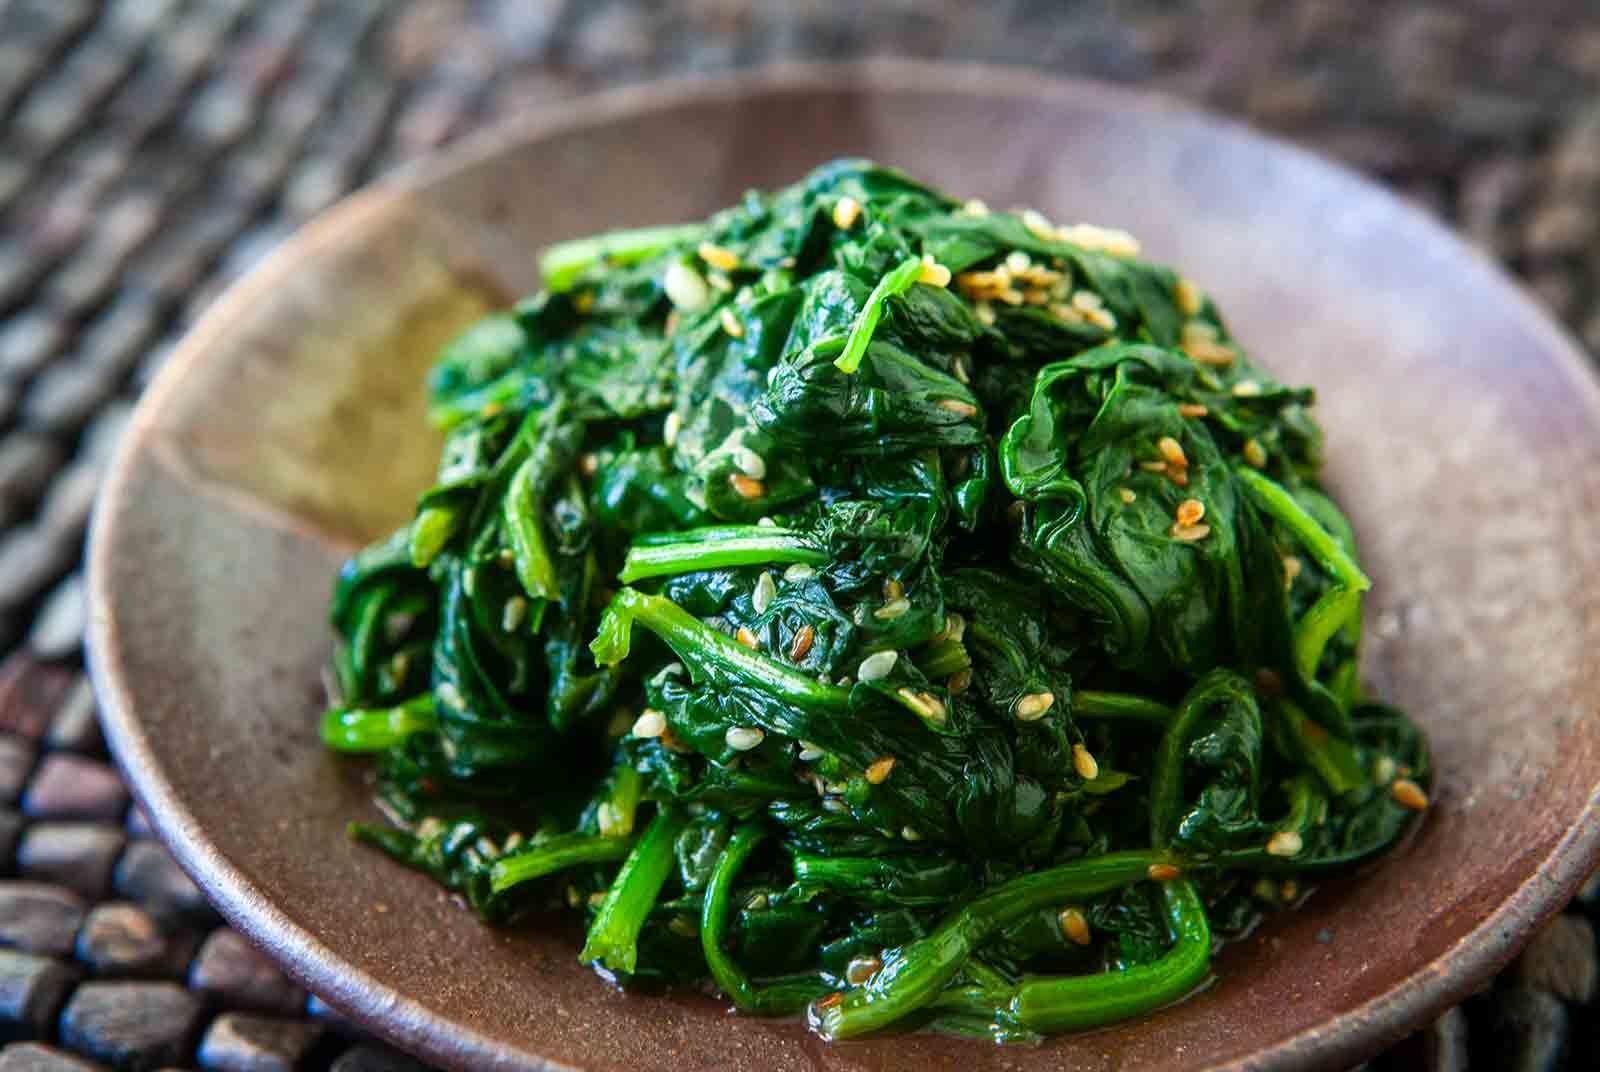 spinach-seame-garlic-horiz-a-1600-15943787698961200631137-1595077170808-15950771714881919872752